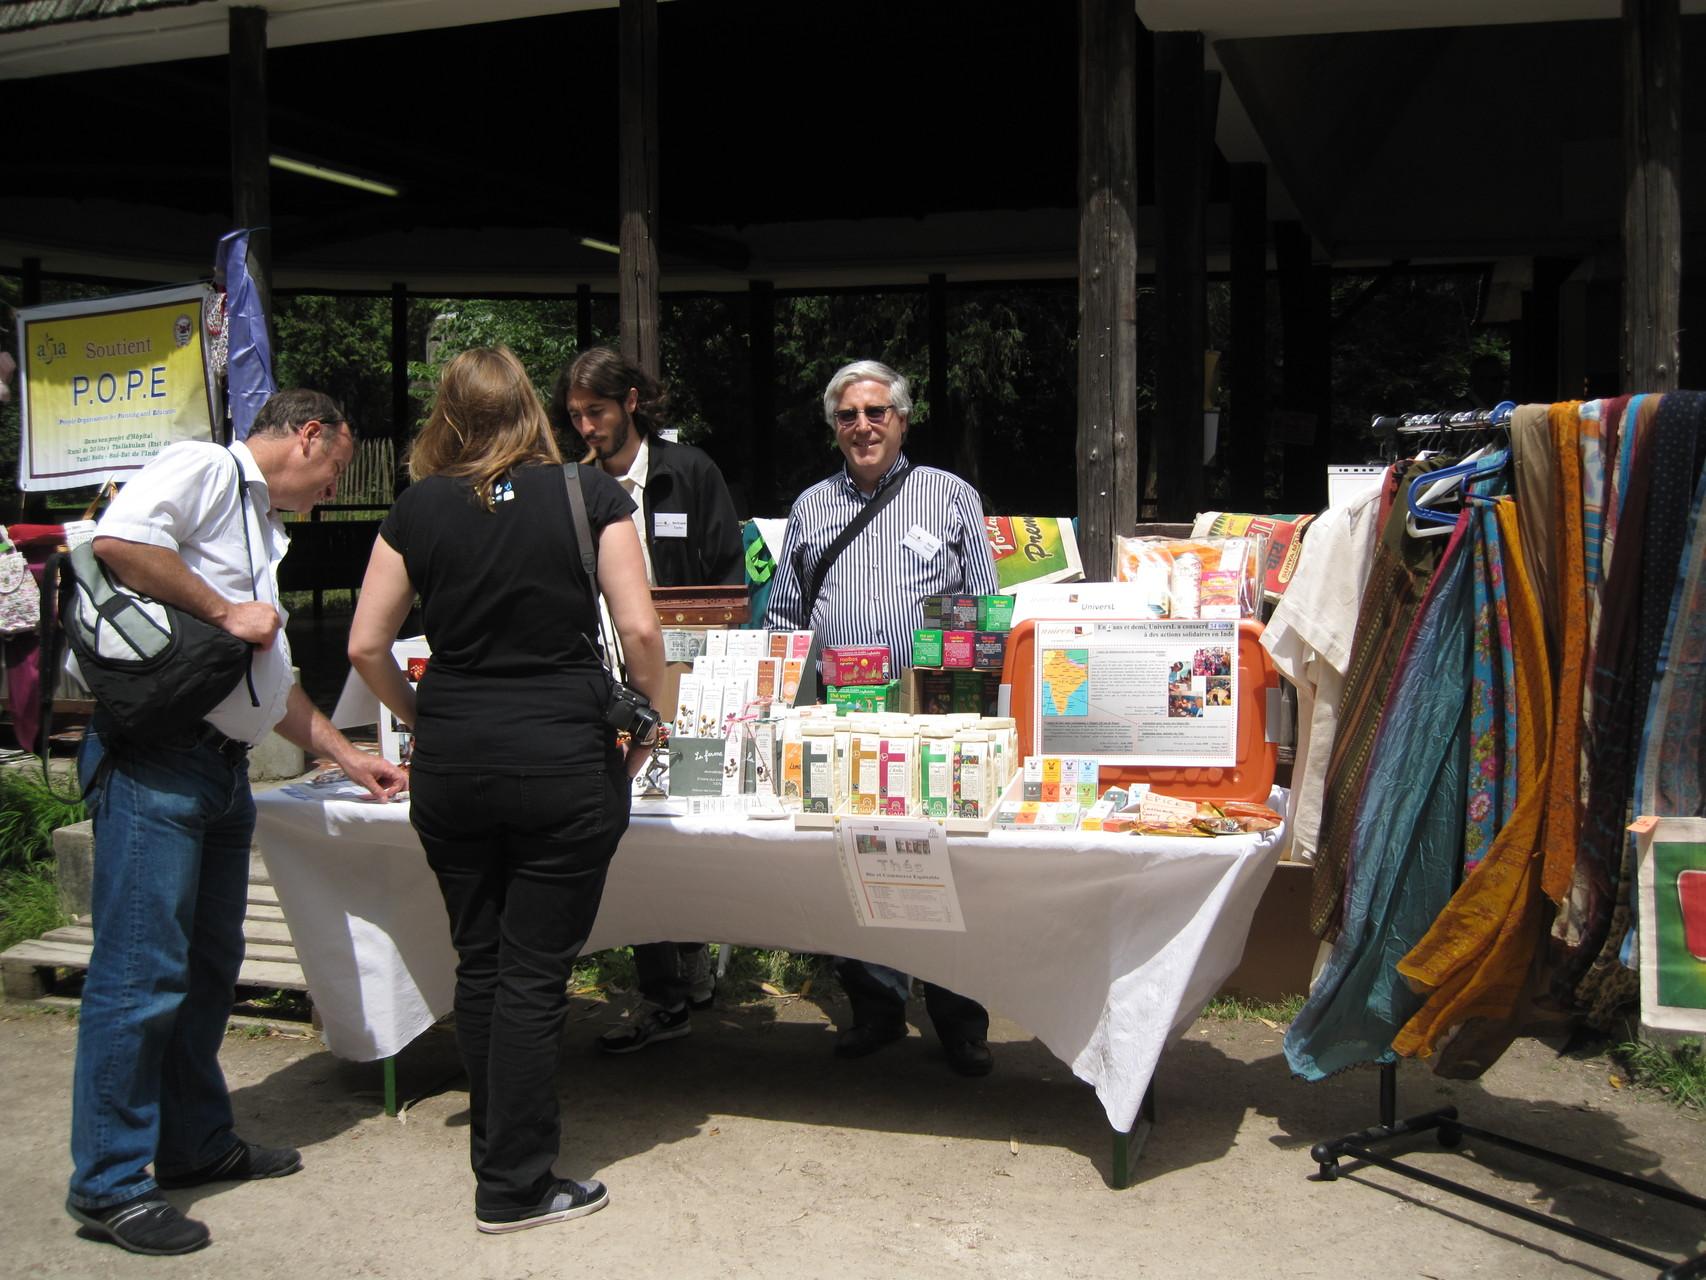 2012 - Nos voisins, le stand de UniversL. Père et Fils arrivaient tout droit du Lot-et-Garonne